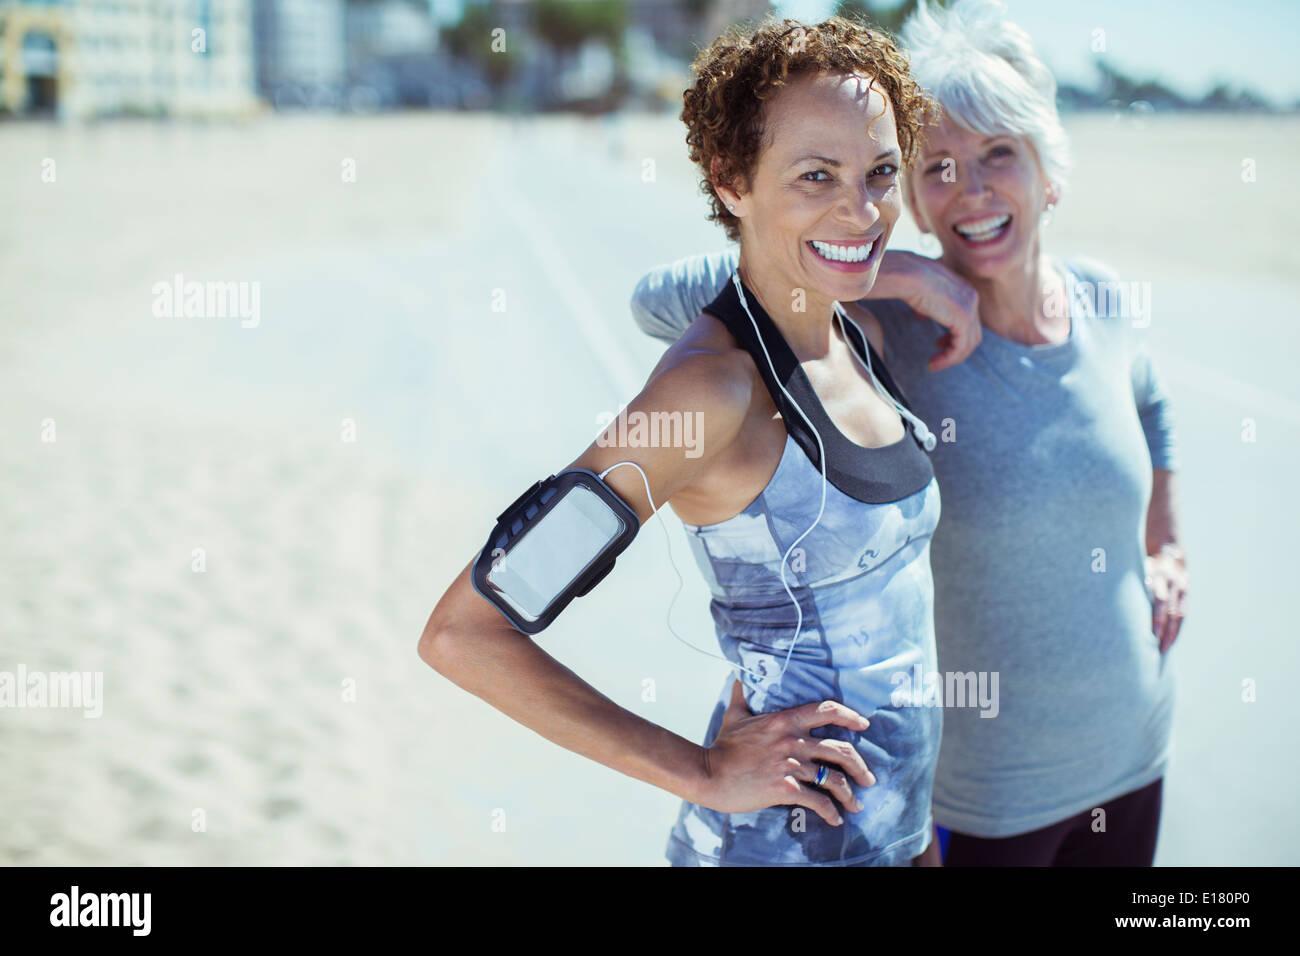 Portrait of smiling women in sportswear outdoors Photo Stock